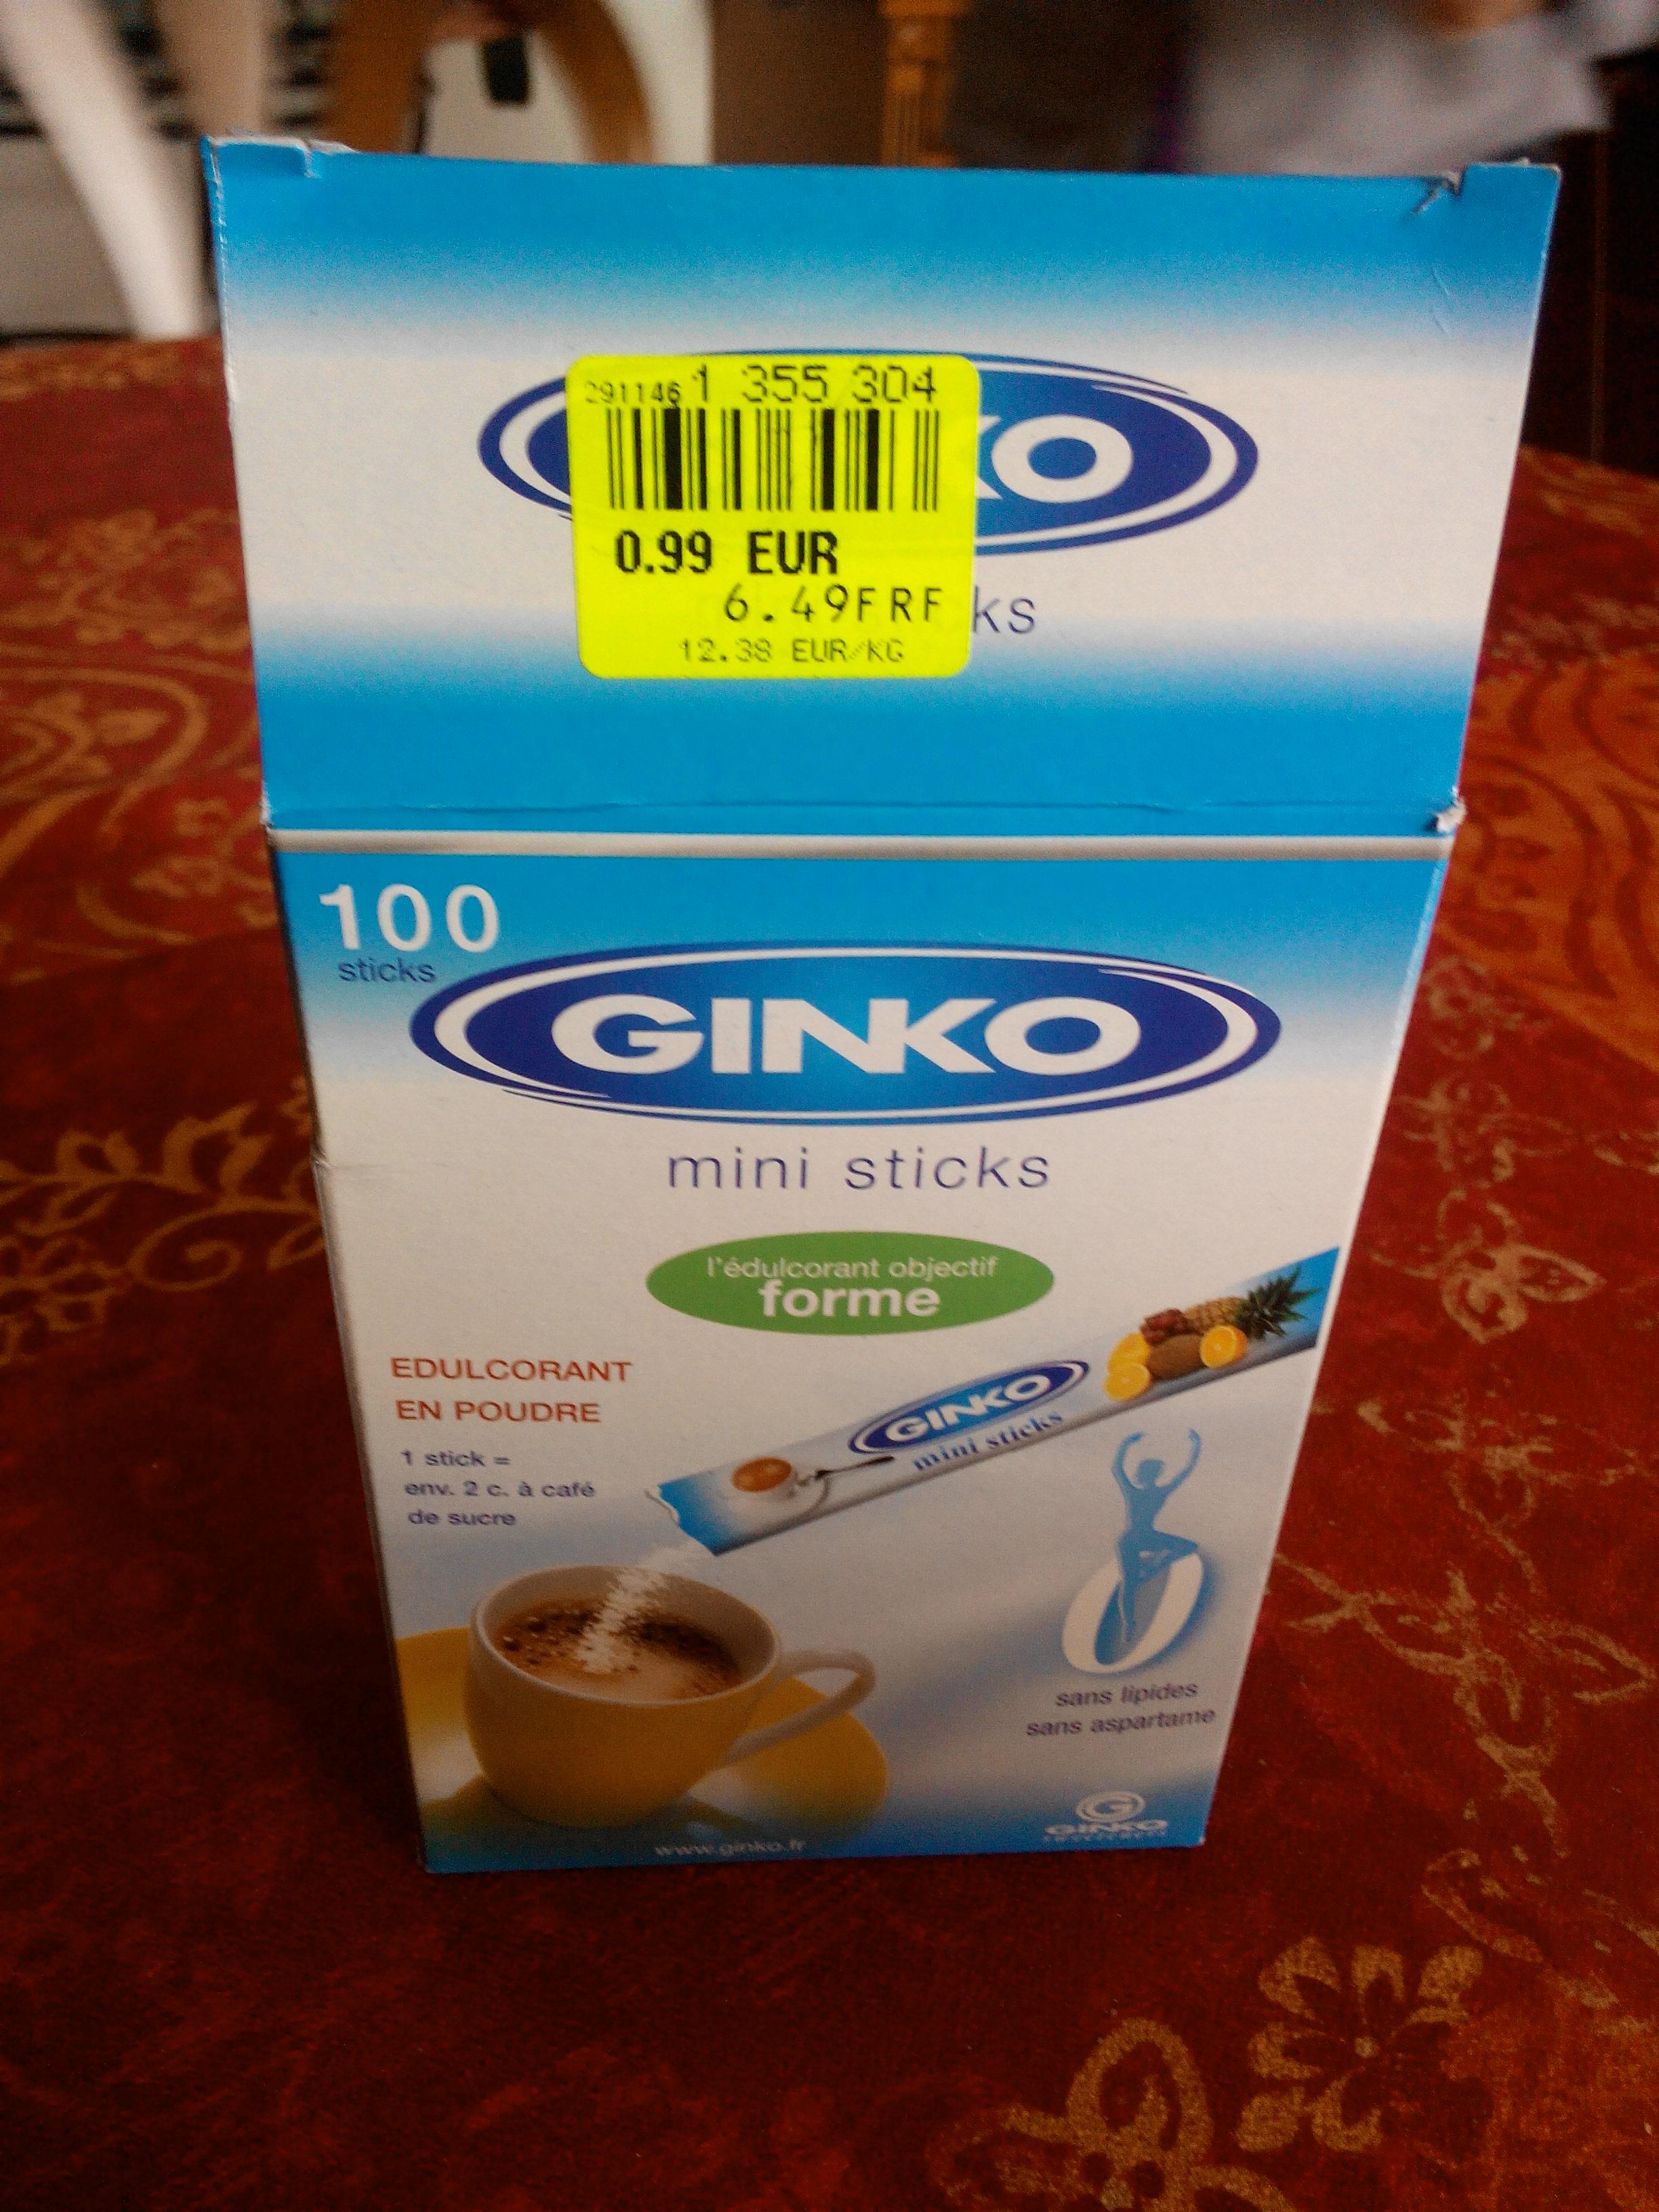 Edulcorant en poudre Ginko - 100 sticks